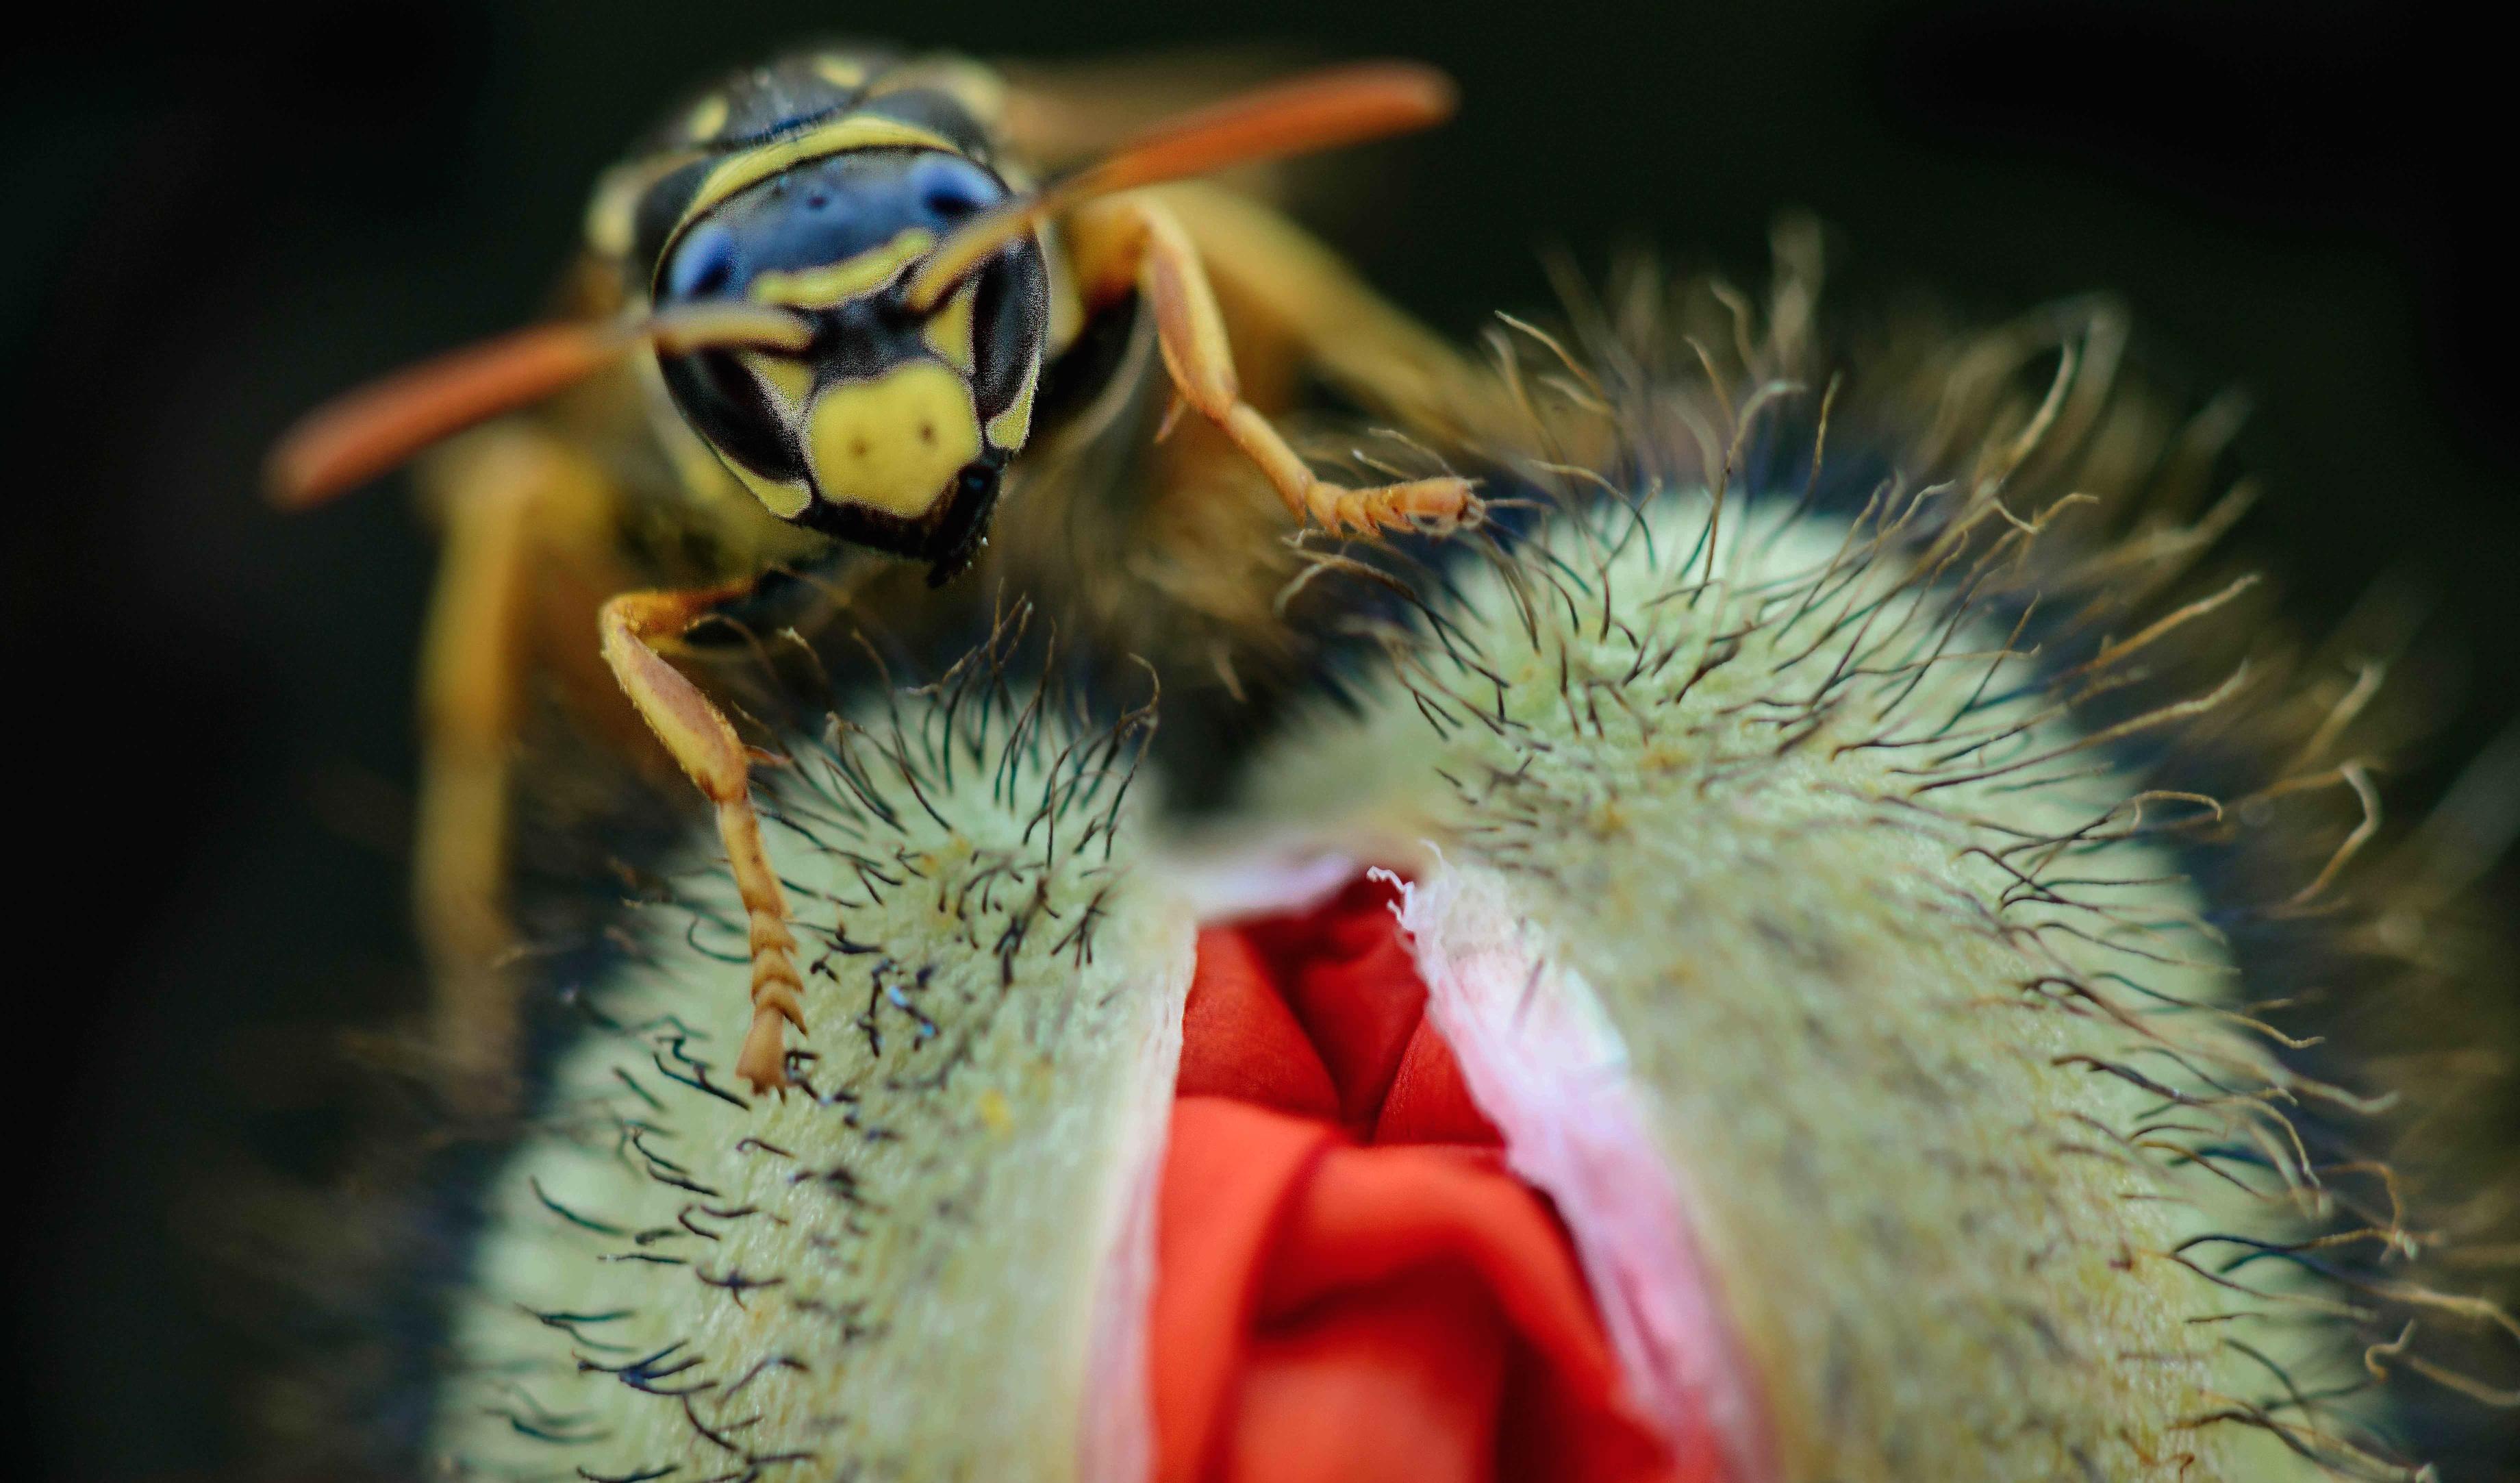 Una avispa y una amapola - 3680x2165